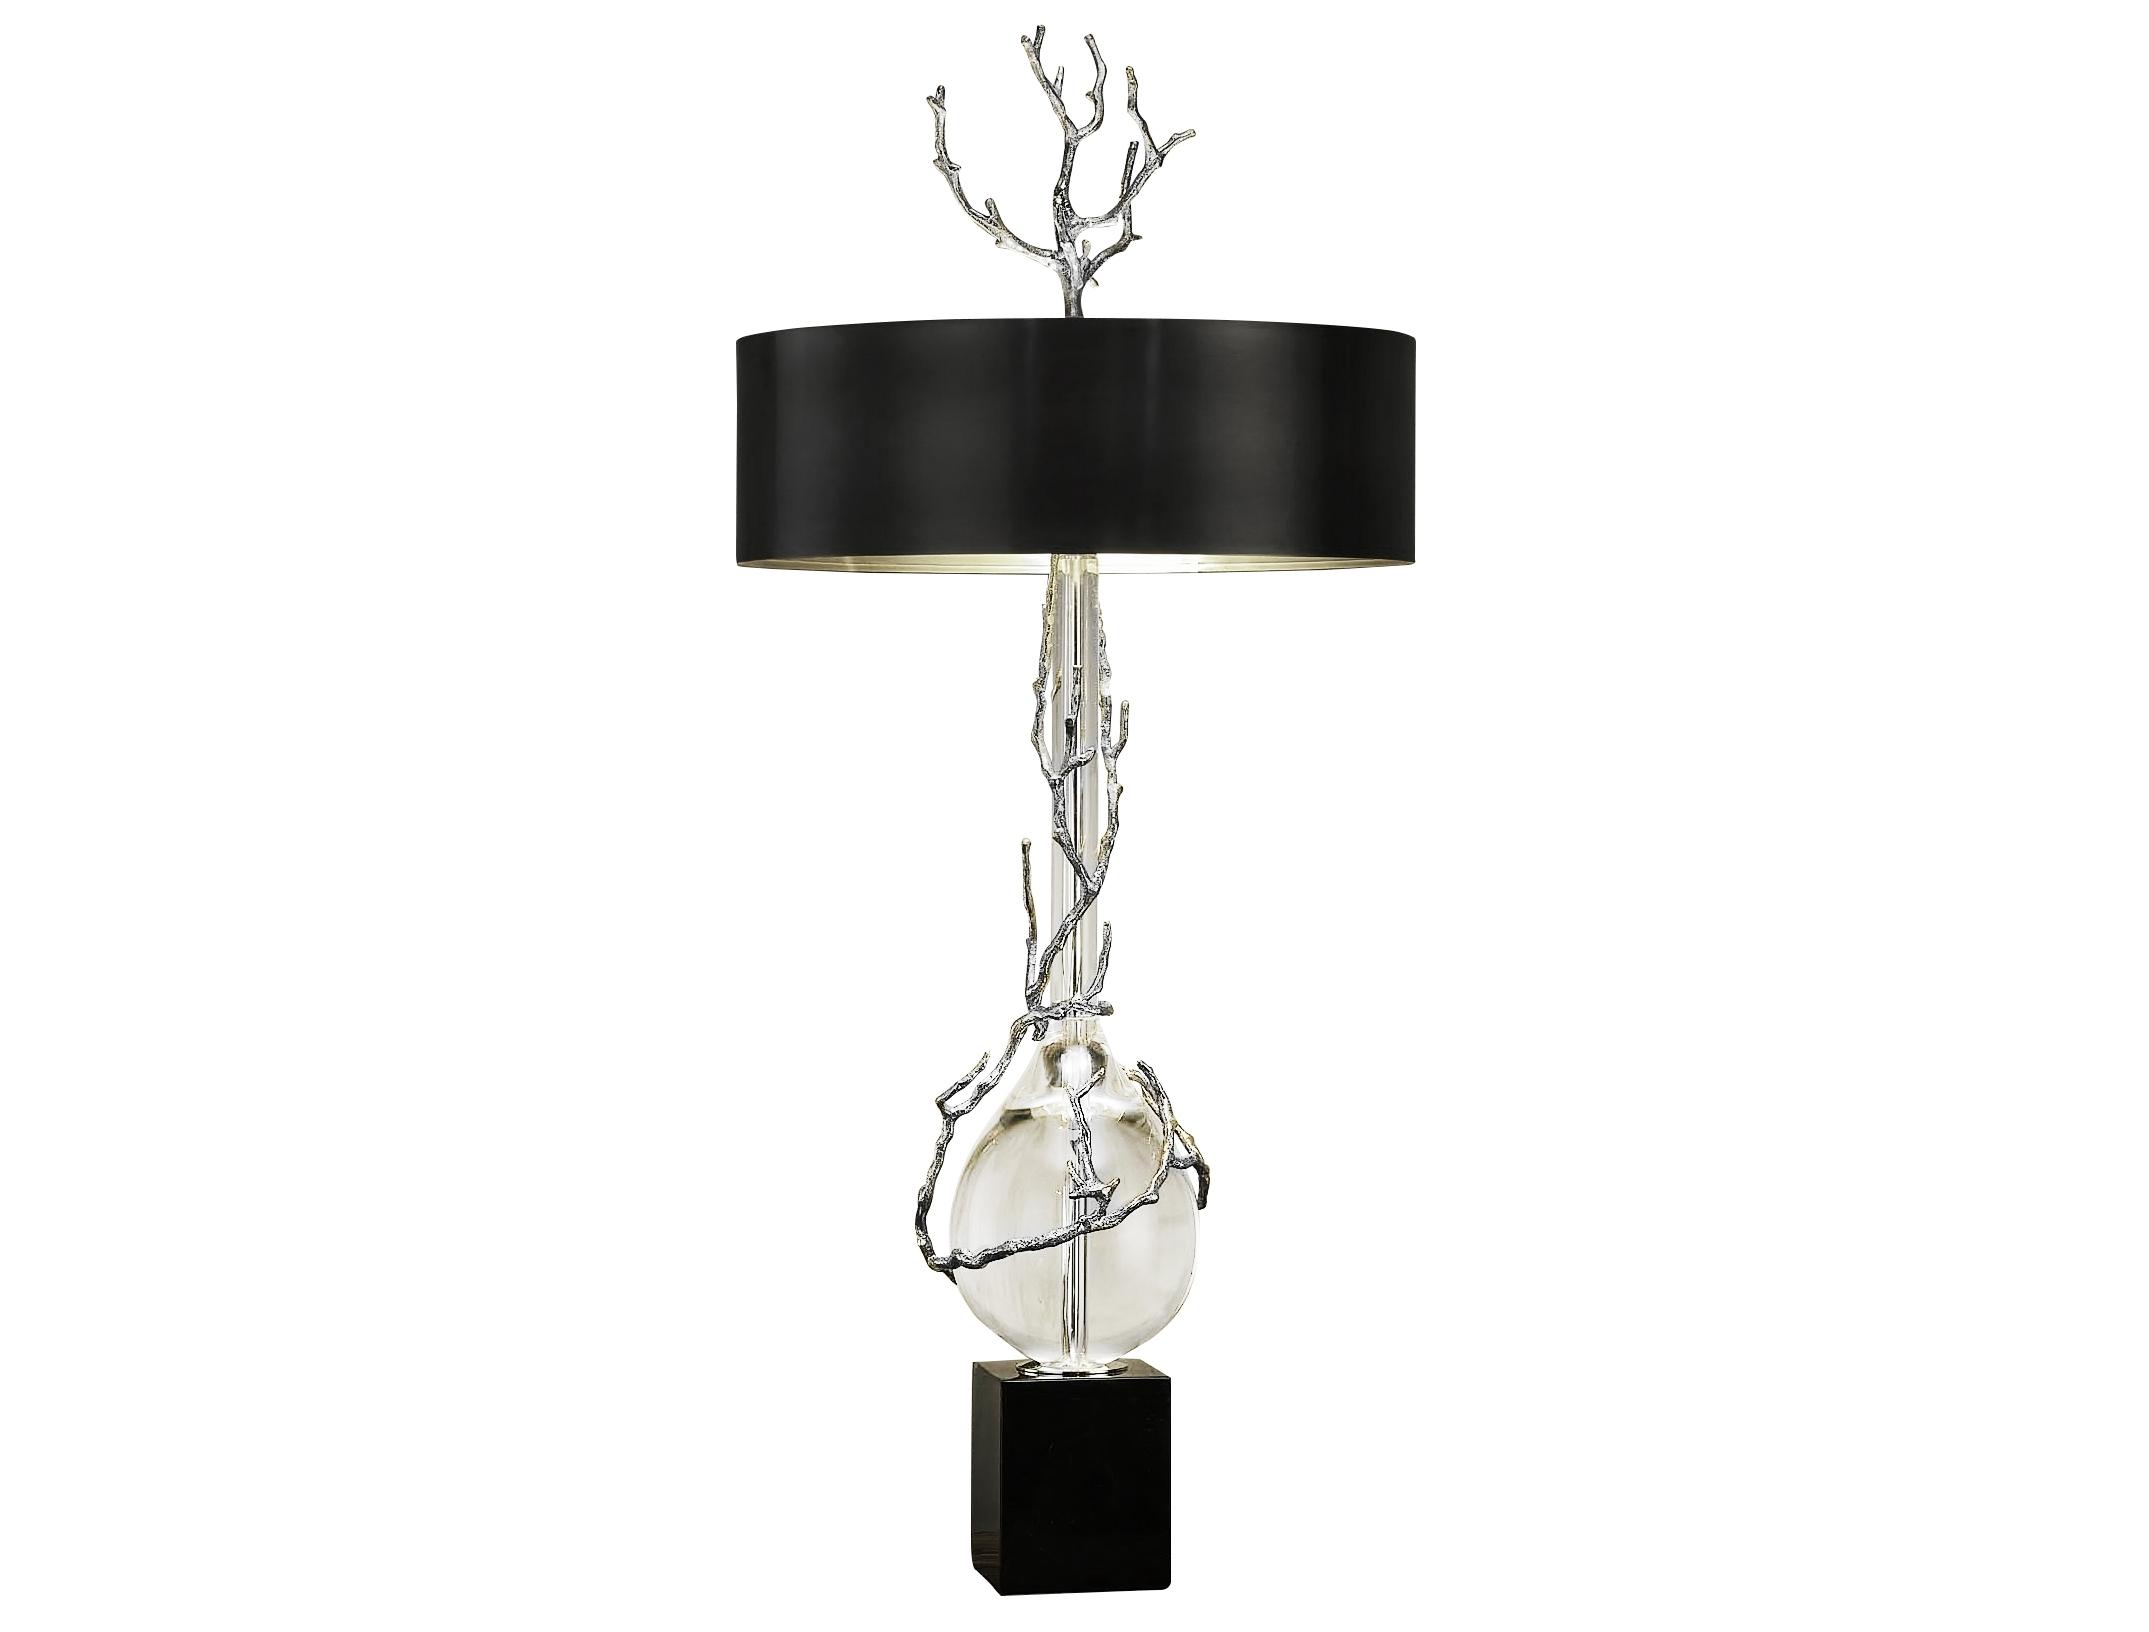 Светильник настольный RiminioДекоративные лампы<br>&amp;lt;div&amp;gt;Элегантная хрустальная настольная лампа с черным металлическим абажуром, с серебристым декоративным элементом на основании из мрамора. Хорошо подойдет для современного интерьера, оформленного в винтажном, эко, ар-деко, фьюжн, минимализм и лофт стилях. В любом интерьере она будет ярким и стильным элементом декора.&amp;lt;/div&amp;gt;&amp;lt;div&amp;gt;&amp;lt;br&amp;gt;&amp;lt;/div&amp;gt;&amp;lt;div&amp;gt;Вид цоколя: E27&amp;lt;/div&amp;gt;&amp;lt;div&amp;gt;Мощность: 40W&amp;lt;/div&amp;gt;&amp;lt;div&amp;gt;Количество ламп: 2 (нет в комплекте)&amp;lt;/div&amp;gt;<br><br>Material: Хрусталь<br>Высота см: 110.0